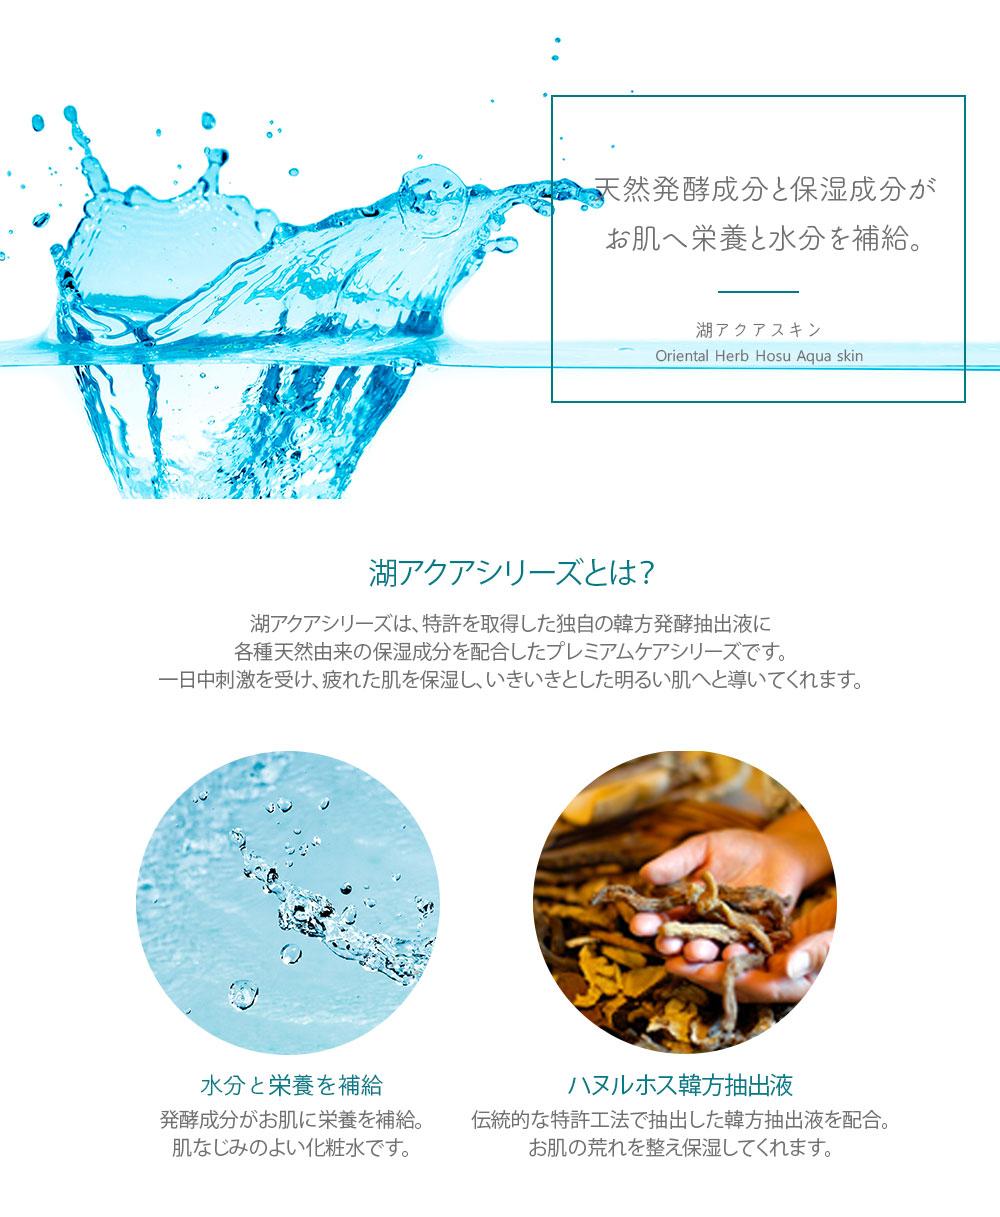 高保水化粧水【10%OFF】湖アクア保湿スキン(化粧水)  マスクパックマイルドスキンつき